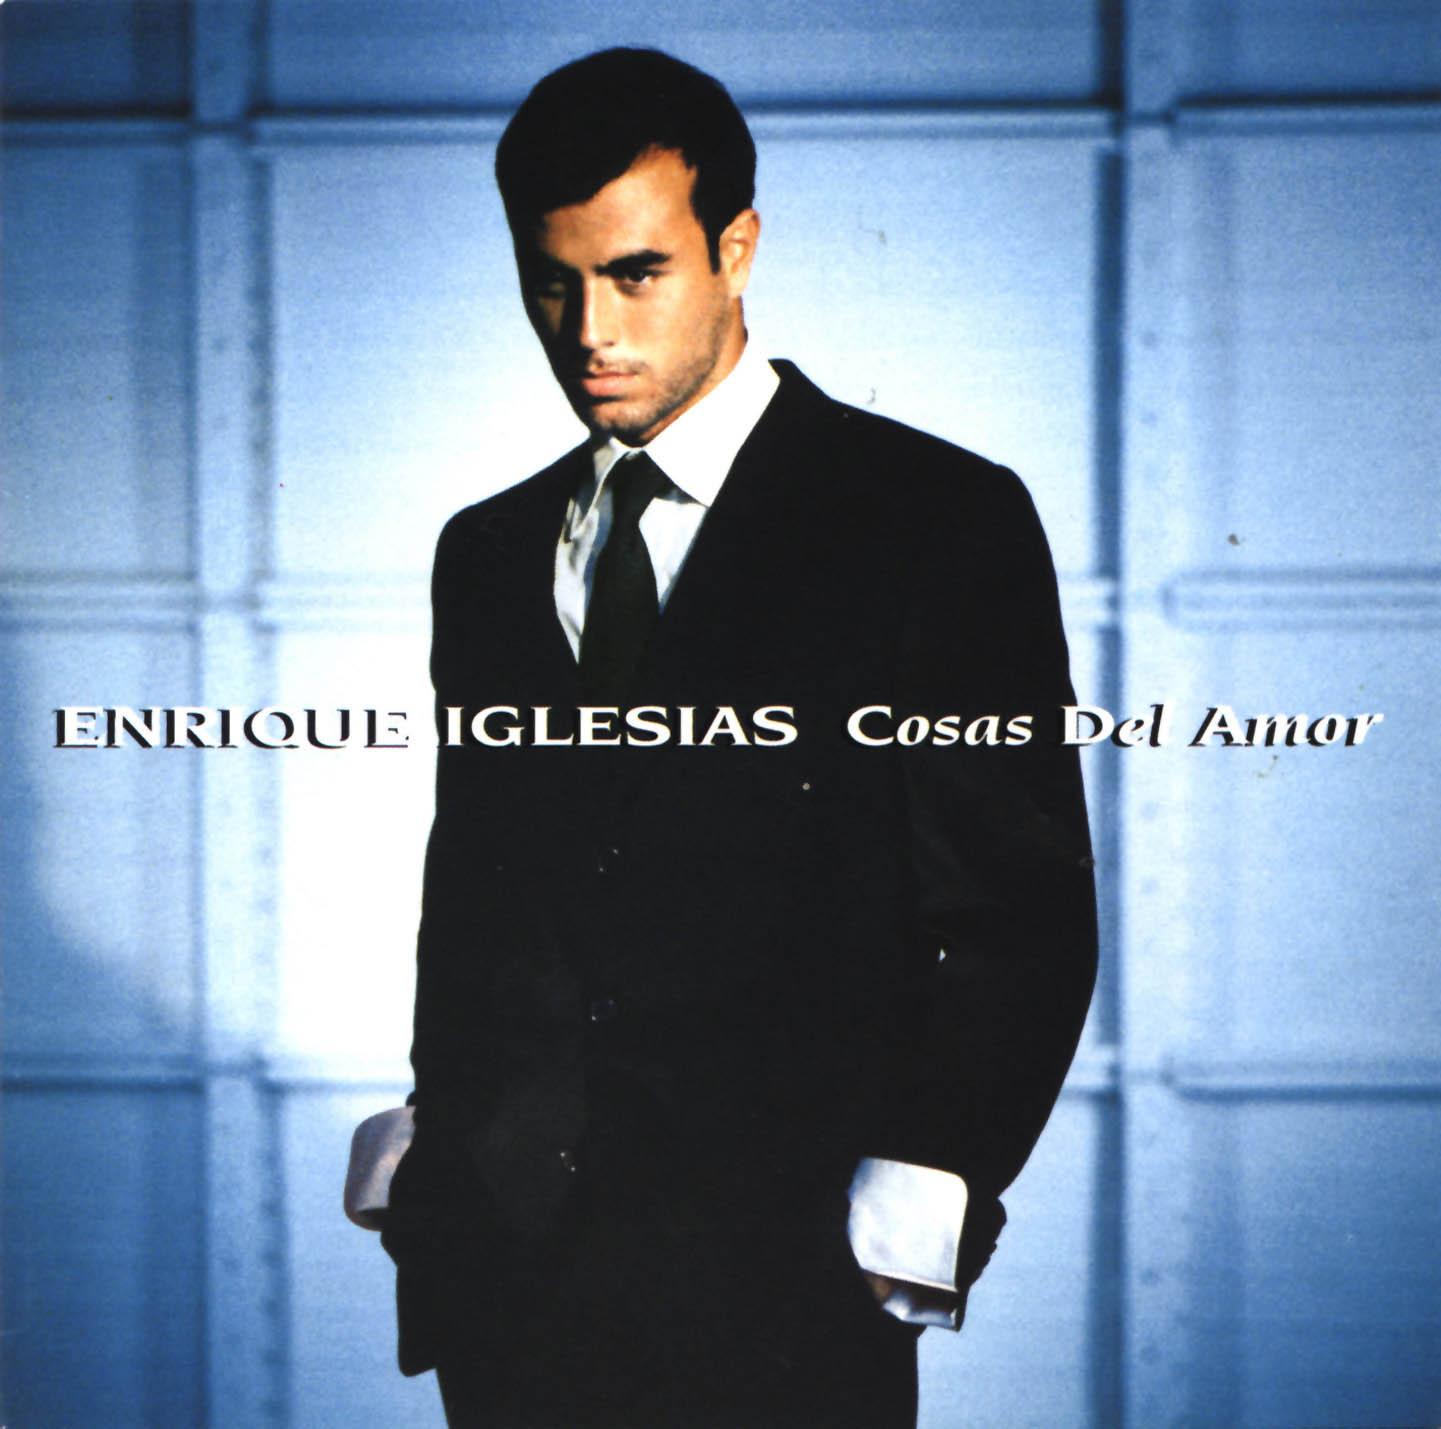 http://4.bp.blogspot.com/_UF8fu6s66DI/TAAOExgiG4I/AAAAAAAAAmg/8LOyoFaVnAE/s1600/%281998%29+Cosas+Del+Amor+Frontal.jpg